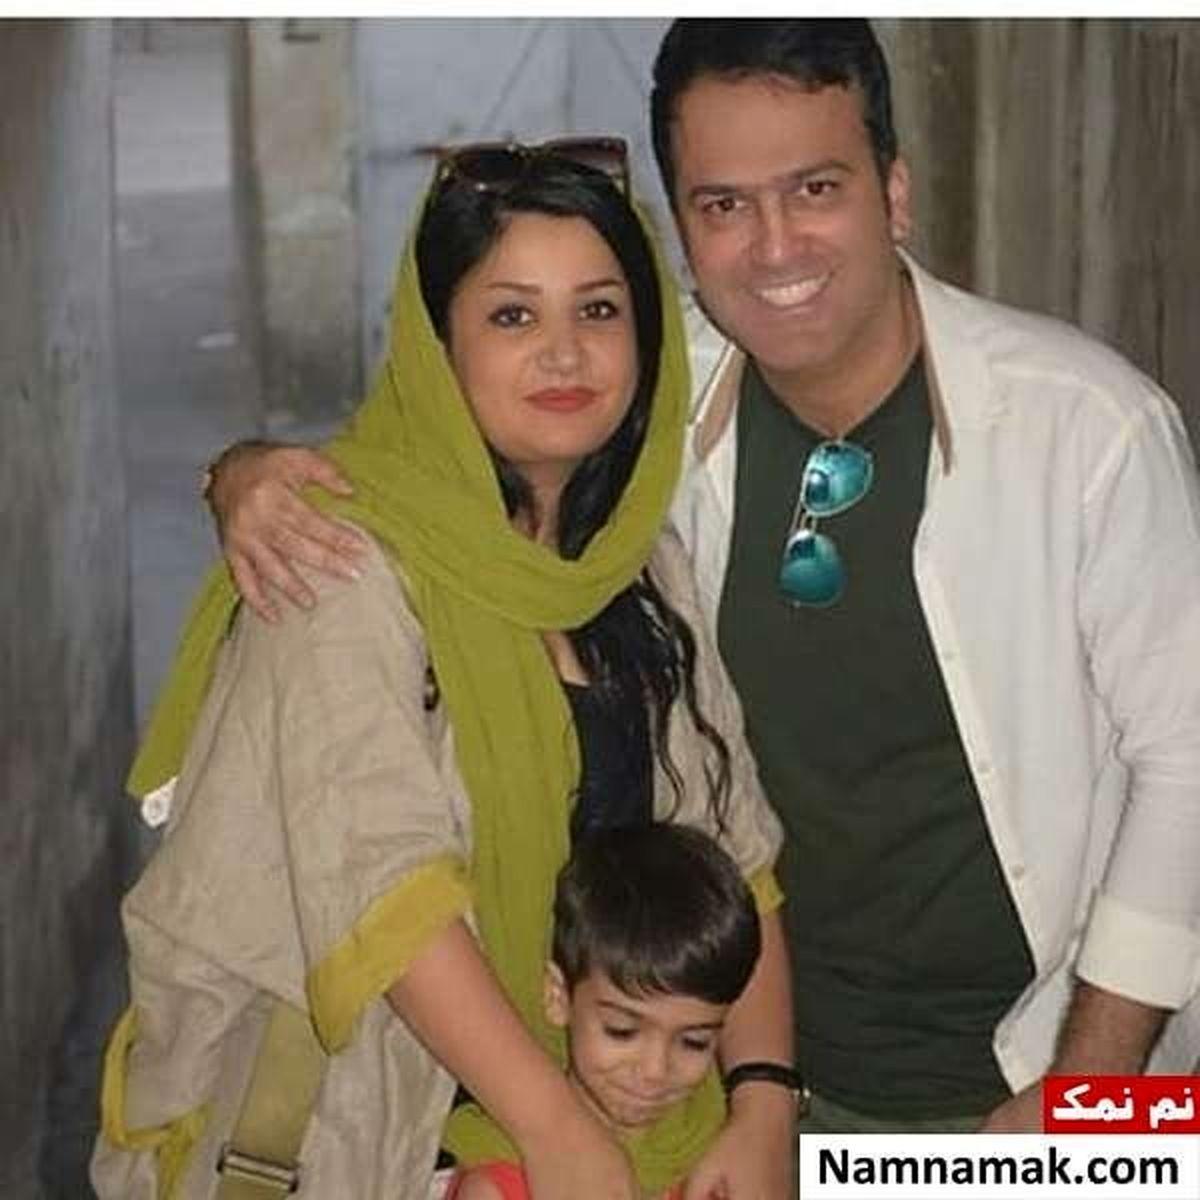 لباس یقه باز و ناجور همسر حامد آهنگی در آغوشش + عکس